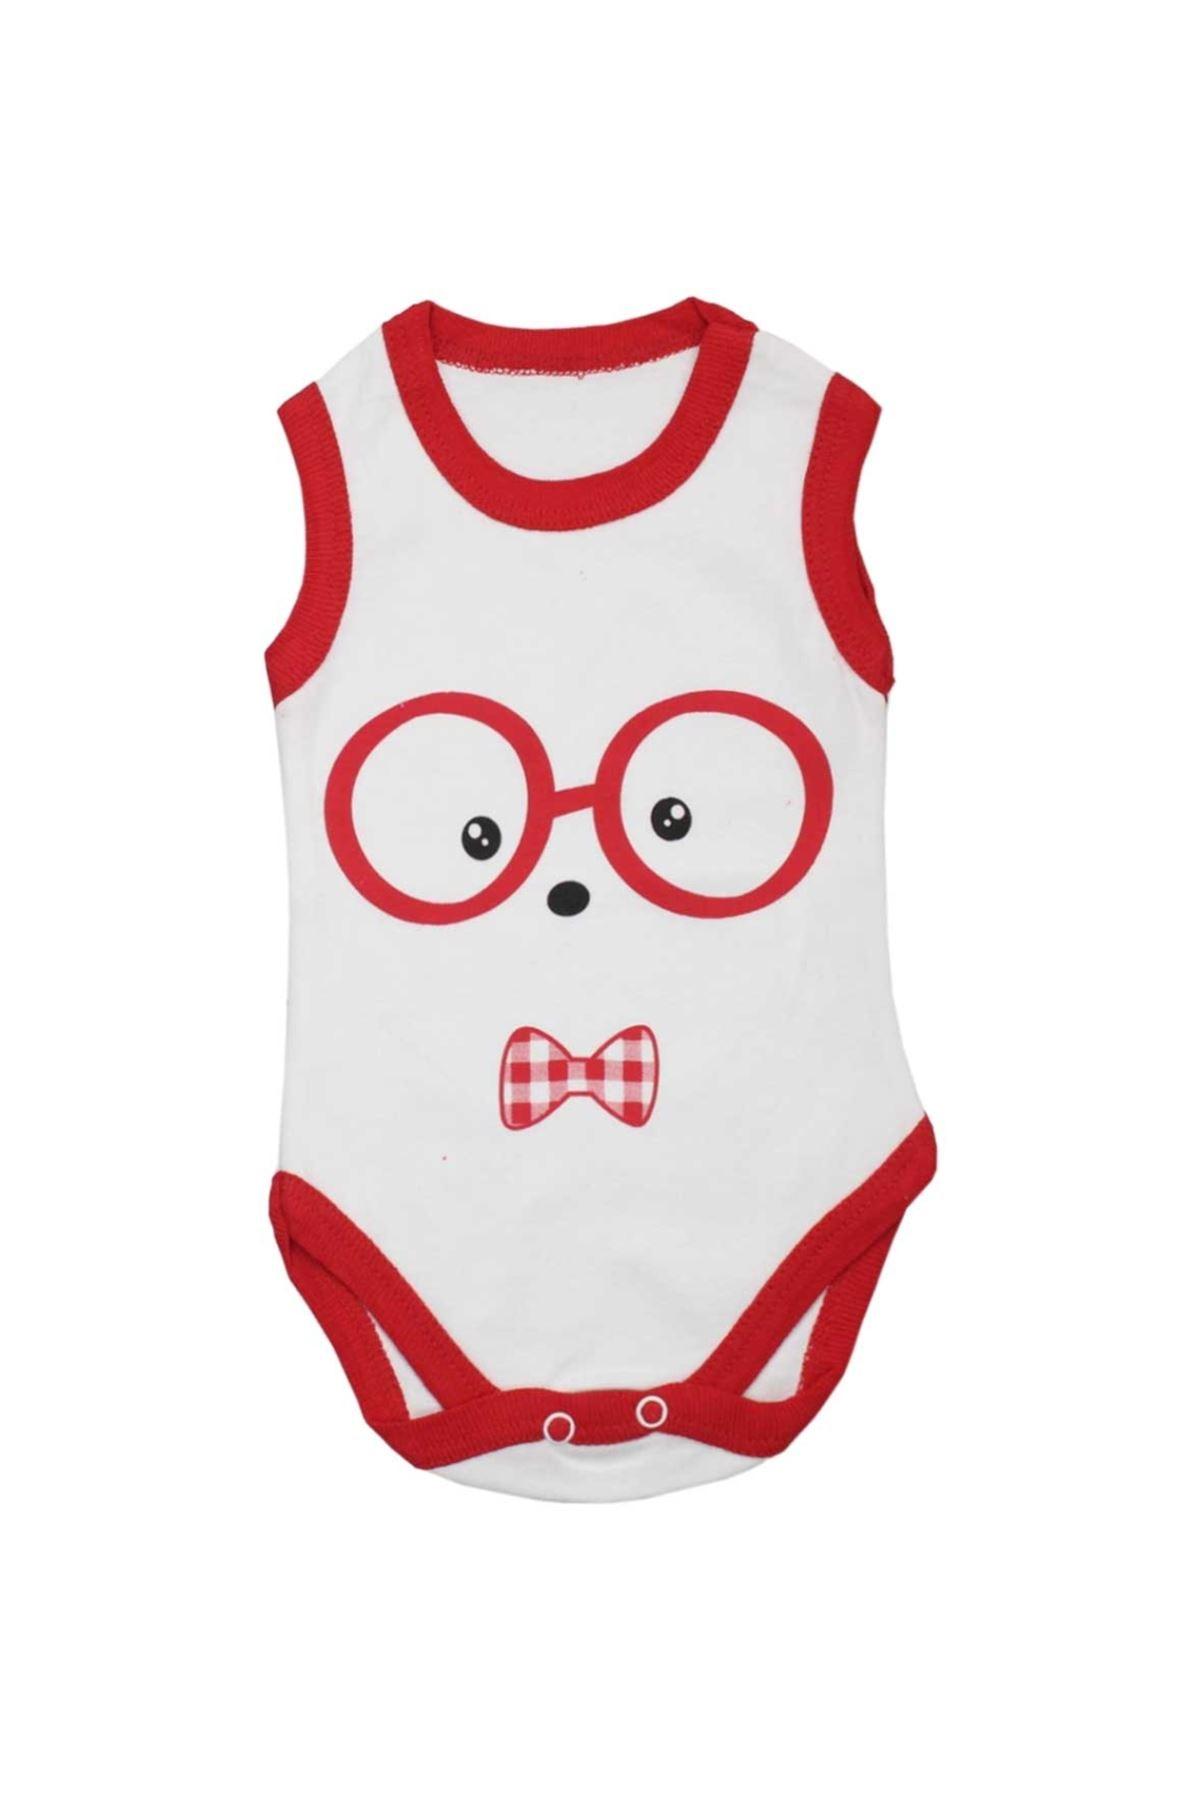 Modakids Baby Boy Printed Snaps Bady 071-042-027